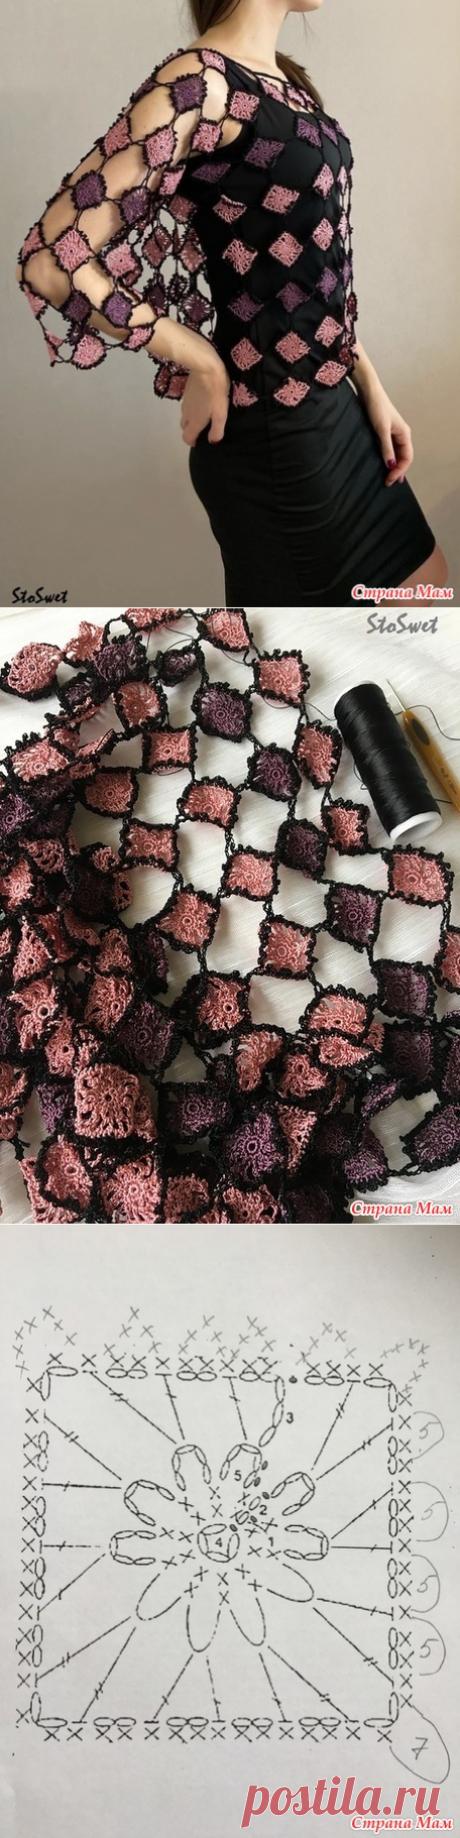 Блуза-накидка крючком из мотивов - Вязание - Страна Мам